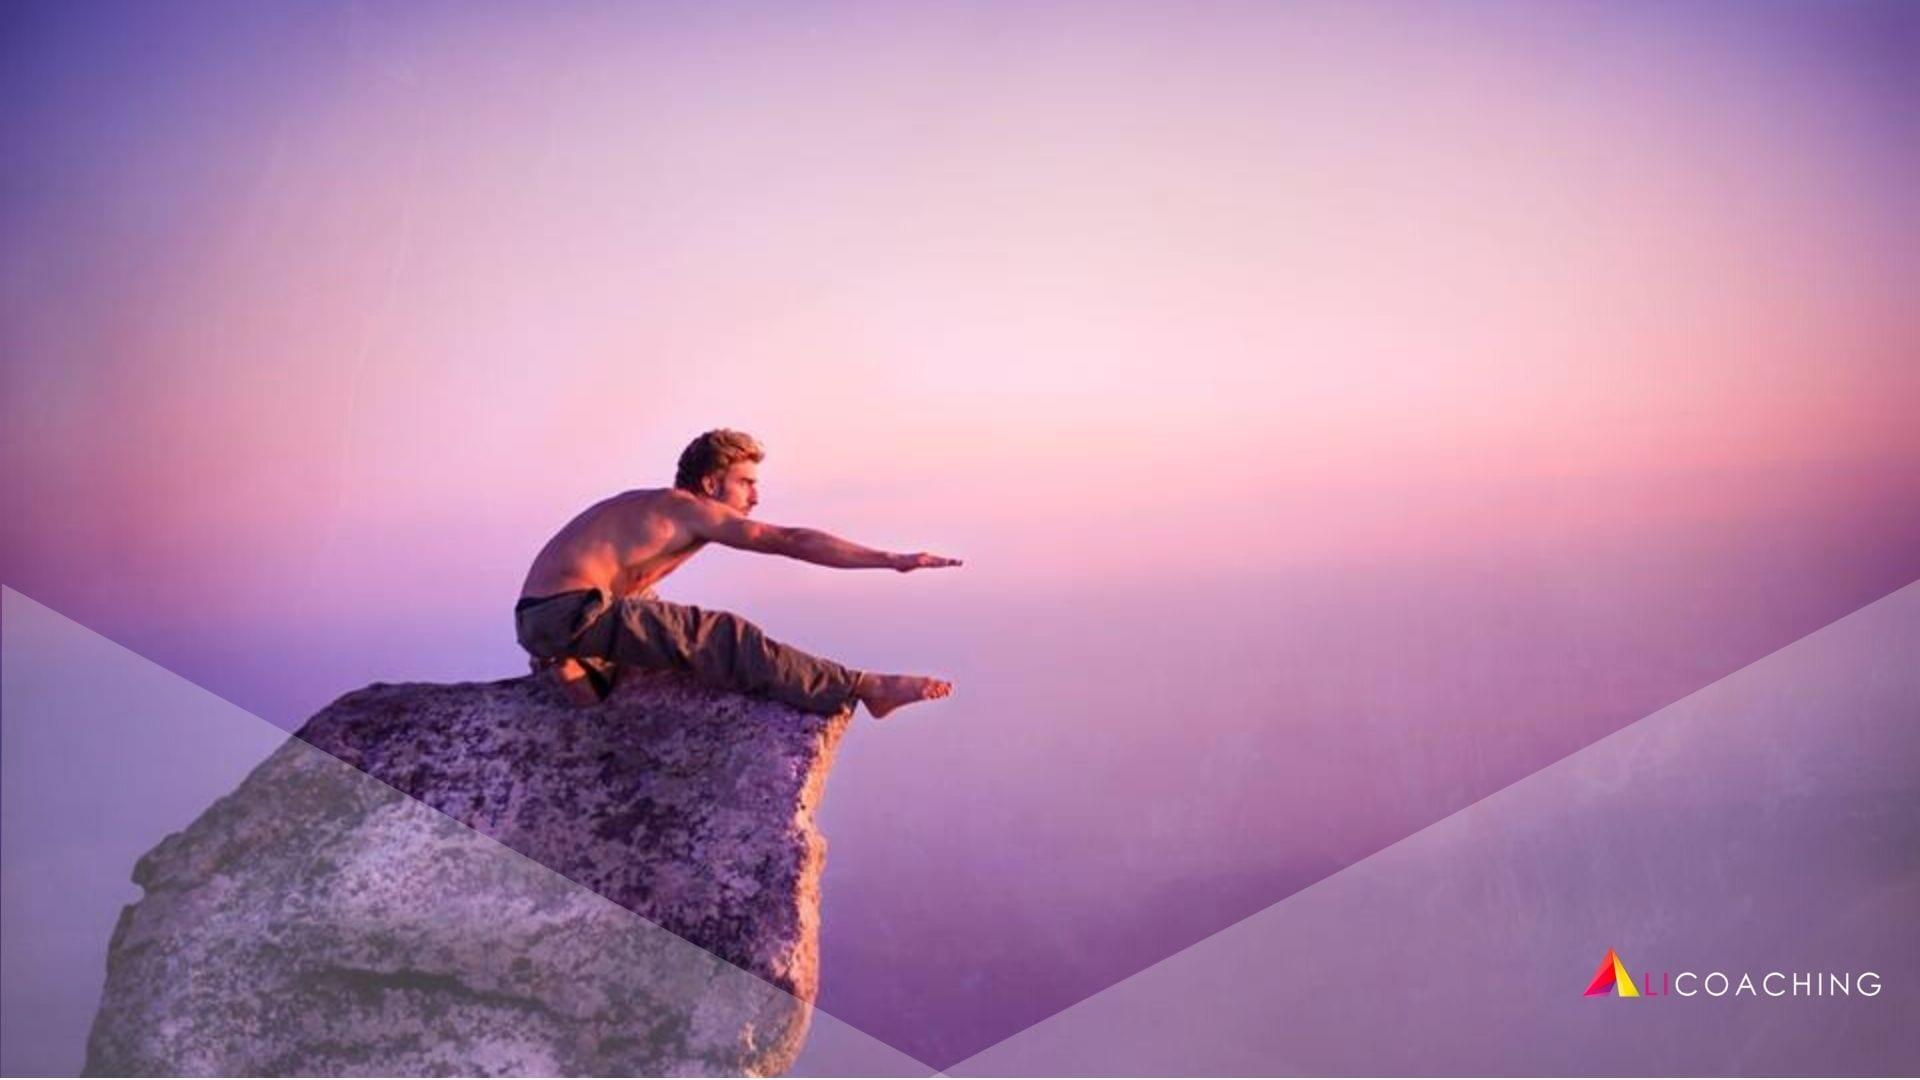 4 strategie per spostare un pò più in la i tuoi limiti. Provale!